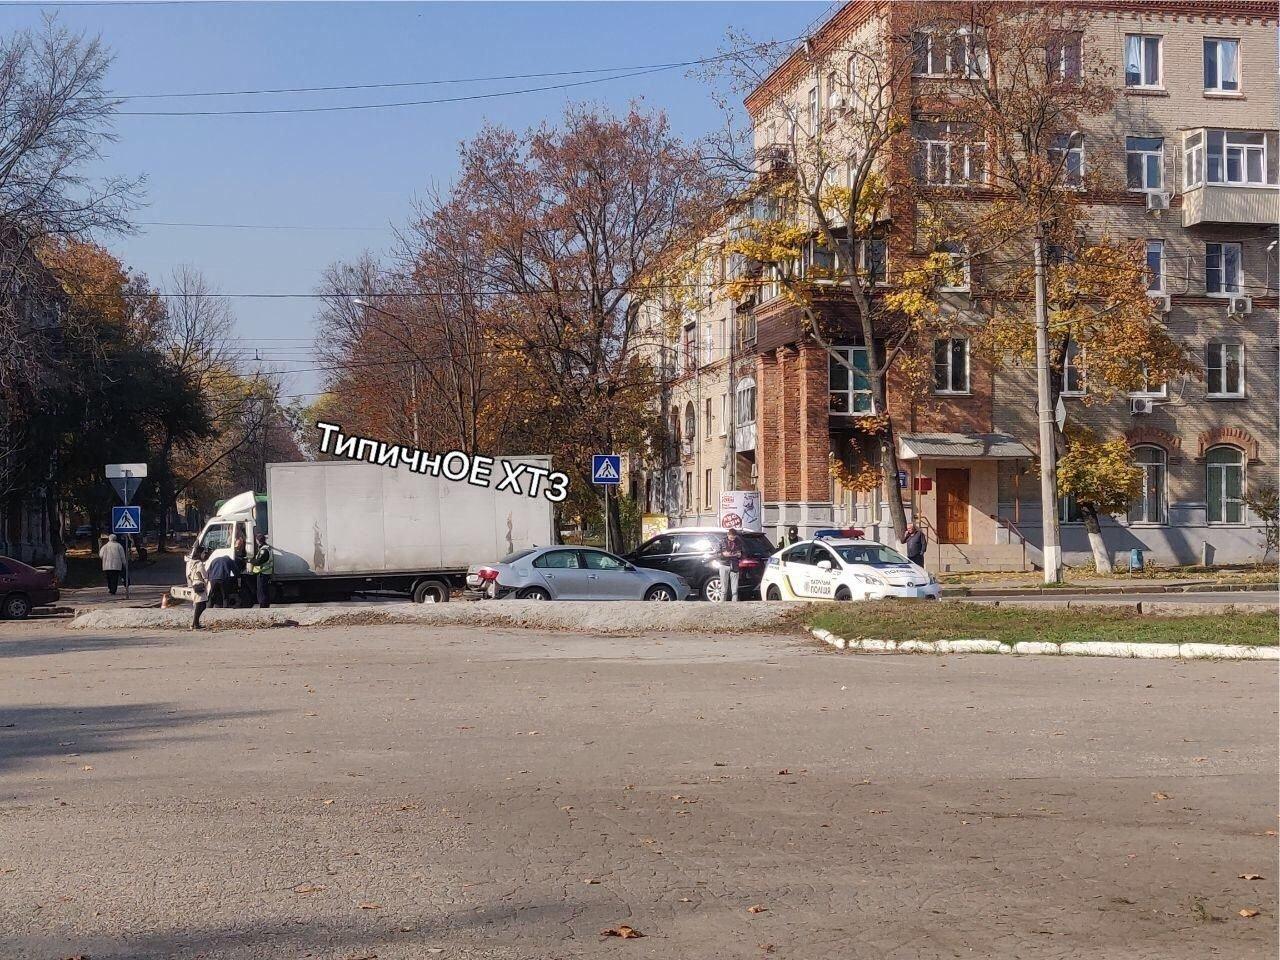 На перекрестке в Харькове легковой автомобиль въехал в грузовик, - ФОТО, фото-2